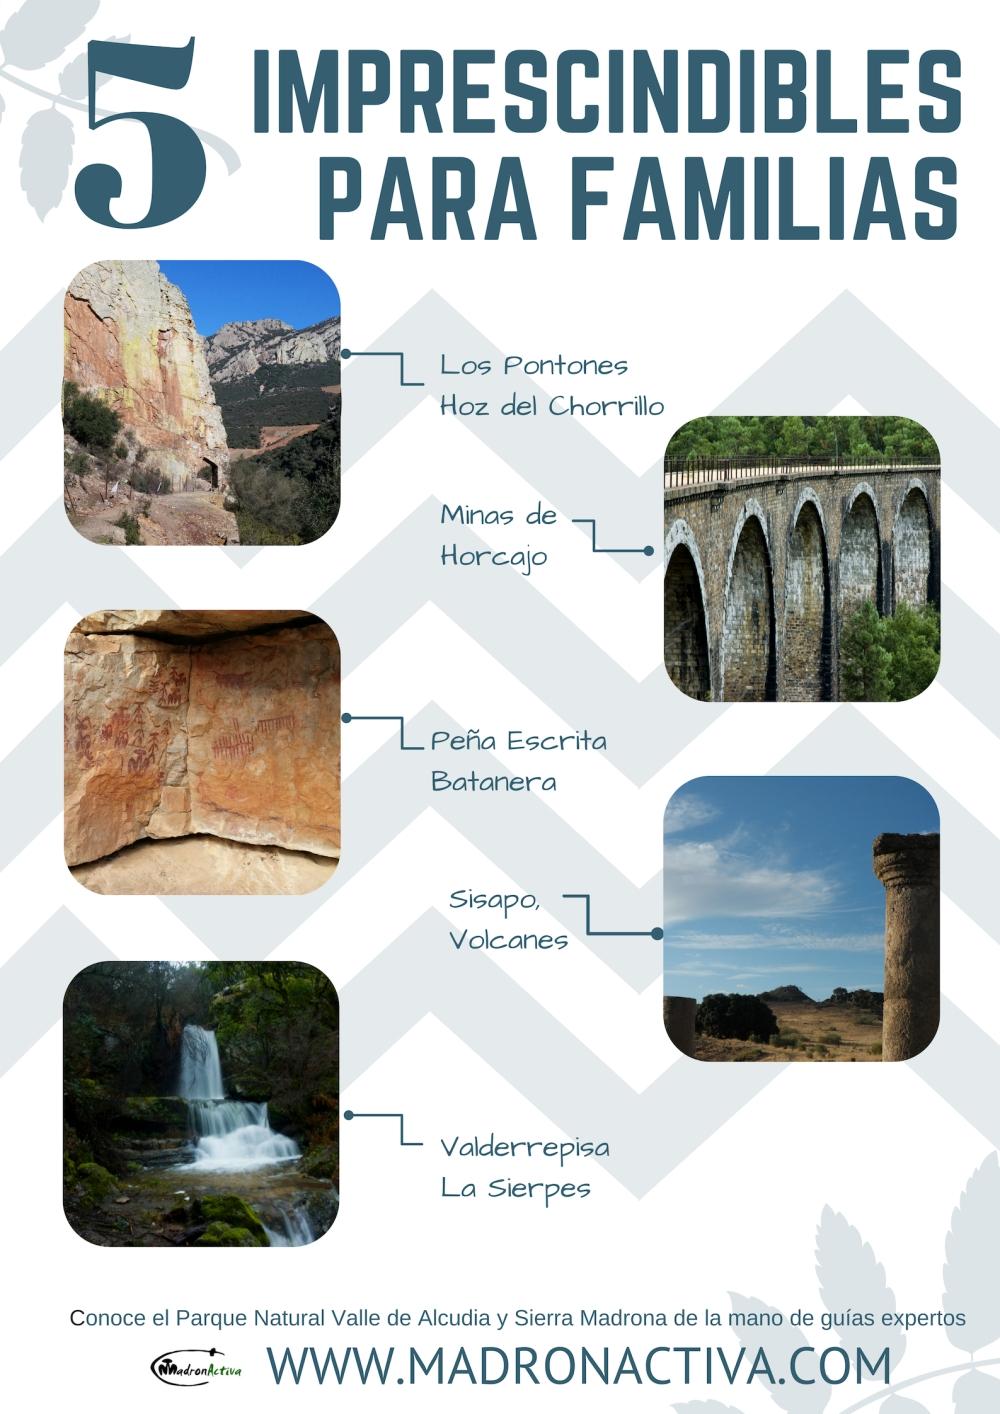 las 5 rutas imprescindiblesde Alcudia y madrona